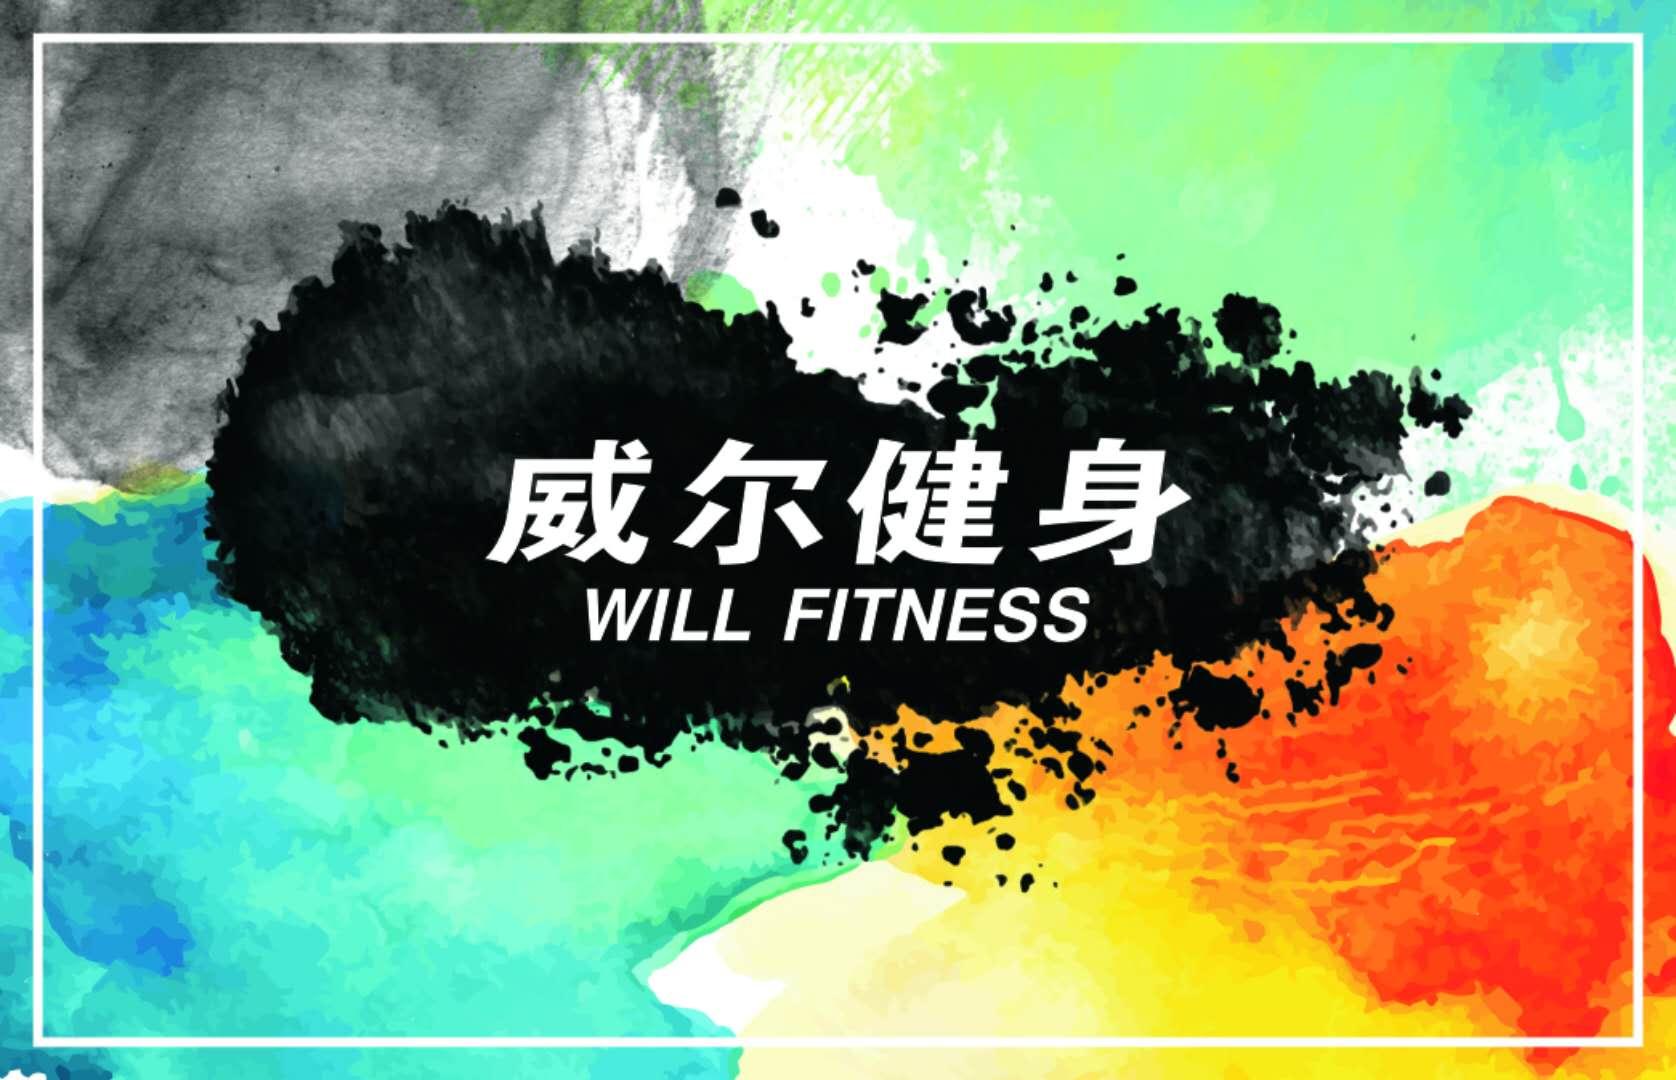 威尔健身:做健身,我们是认真的!